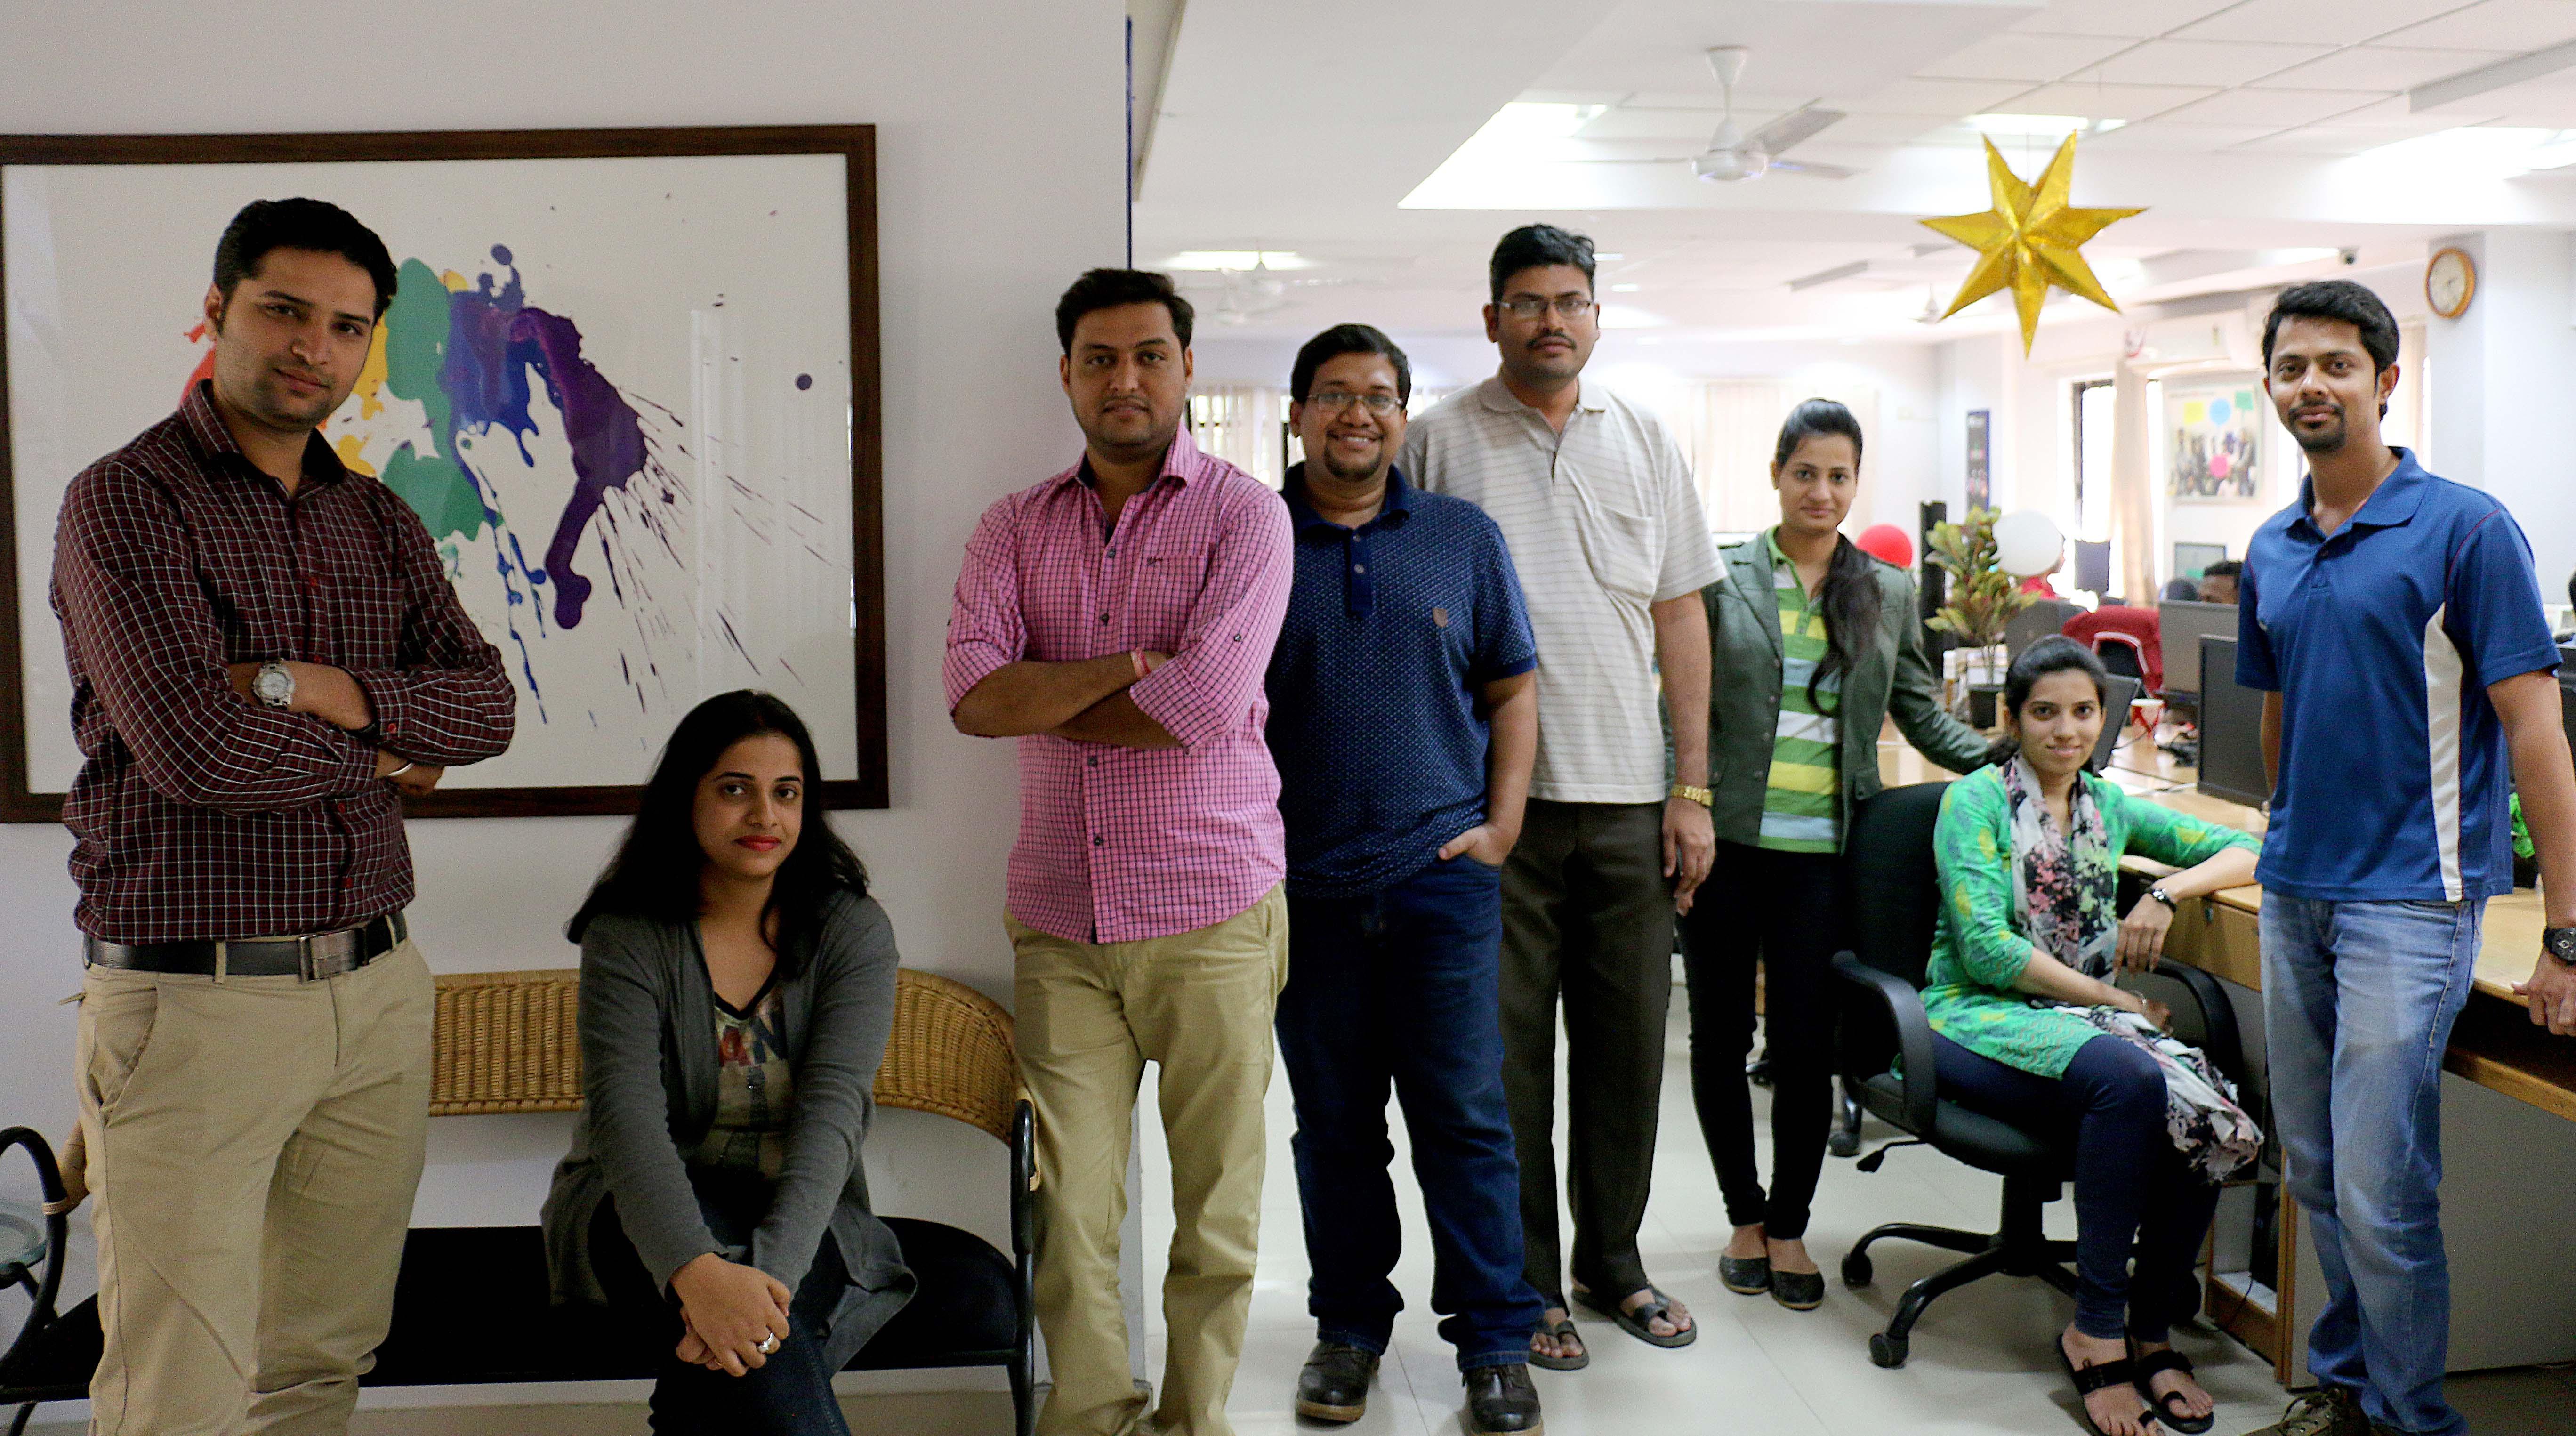 EI Design Team